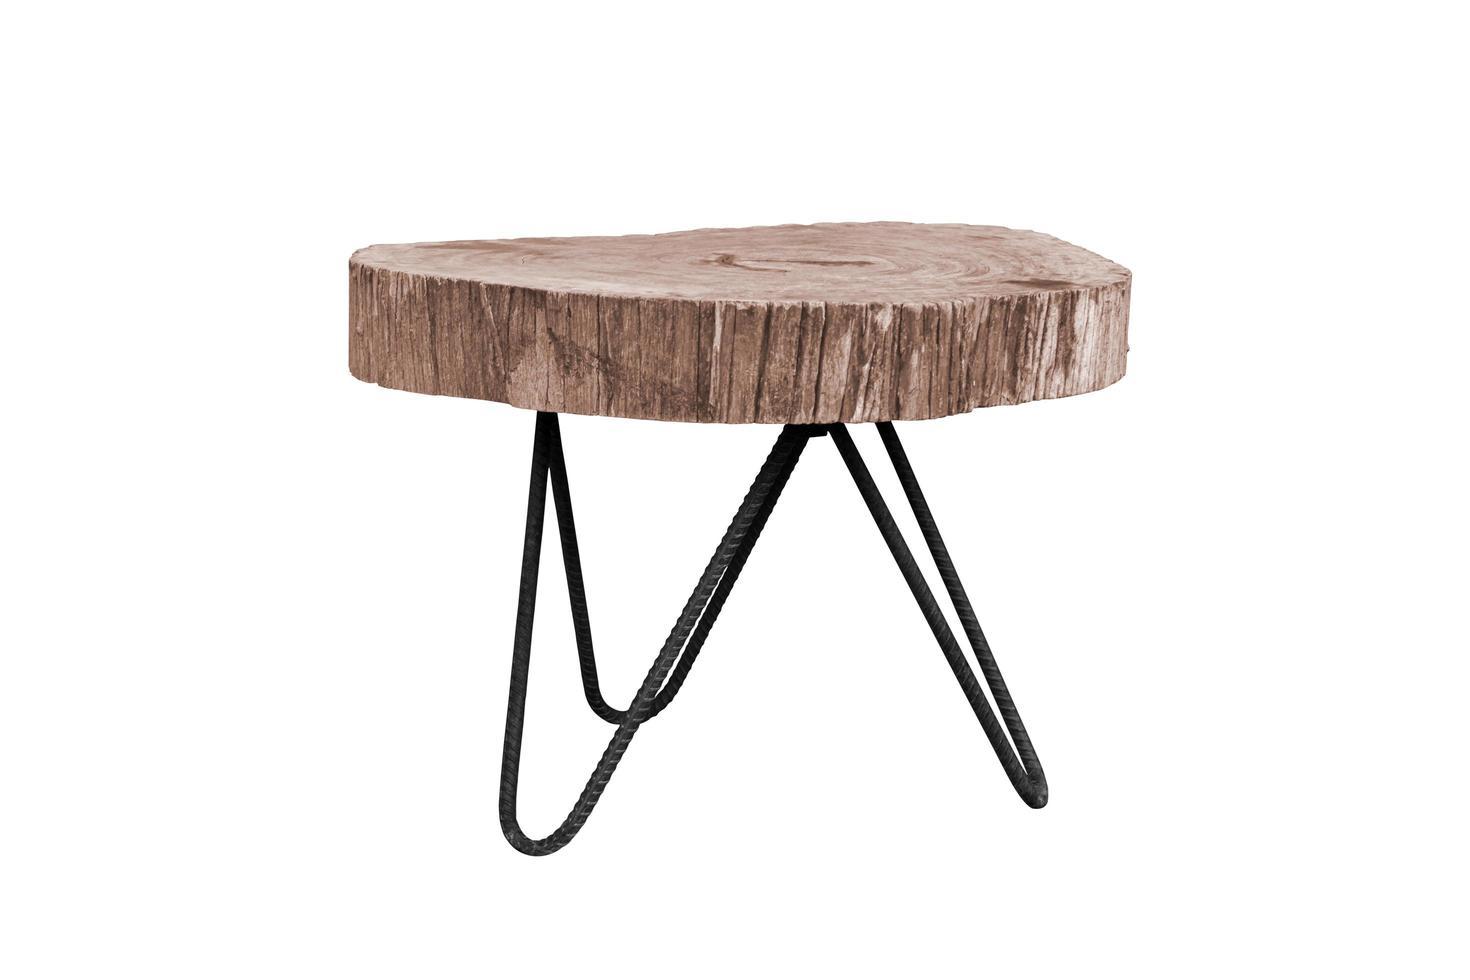 Mesa de madera con patas de acero simplista aislado sobre fondo blanco. foto